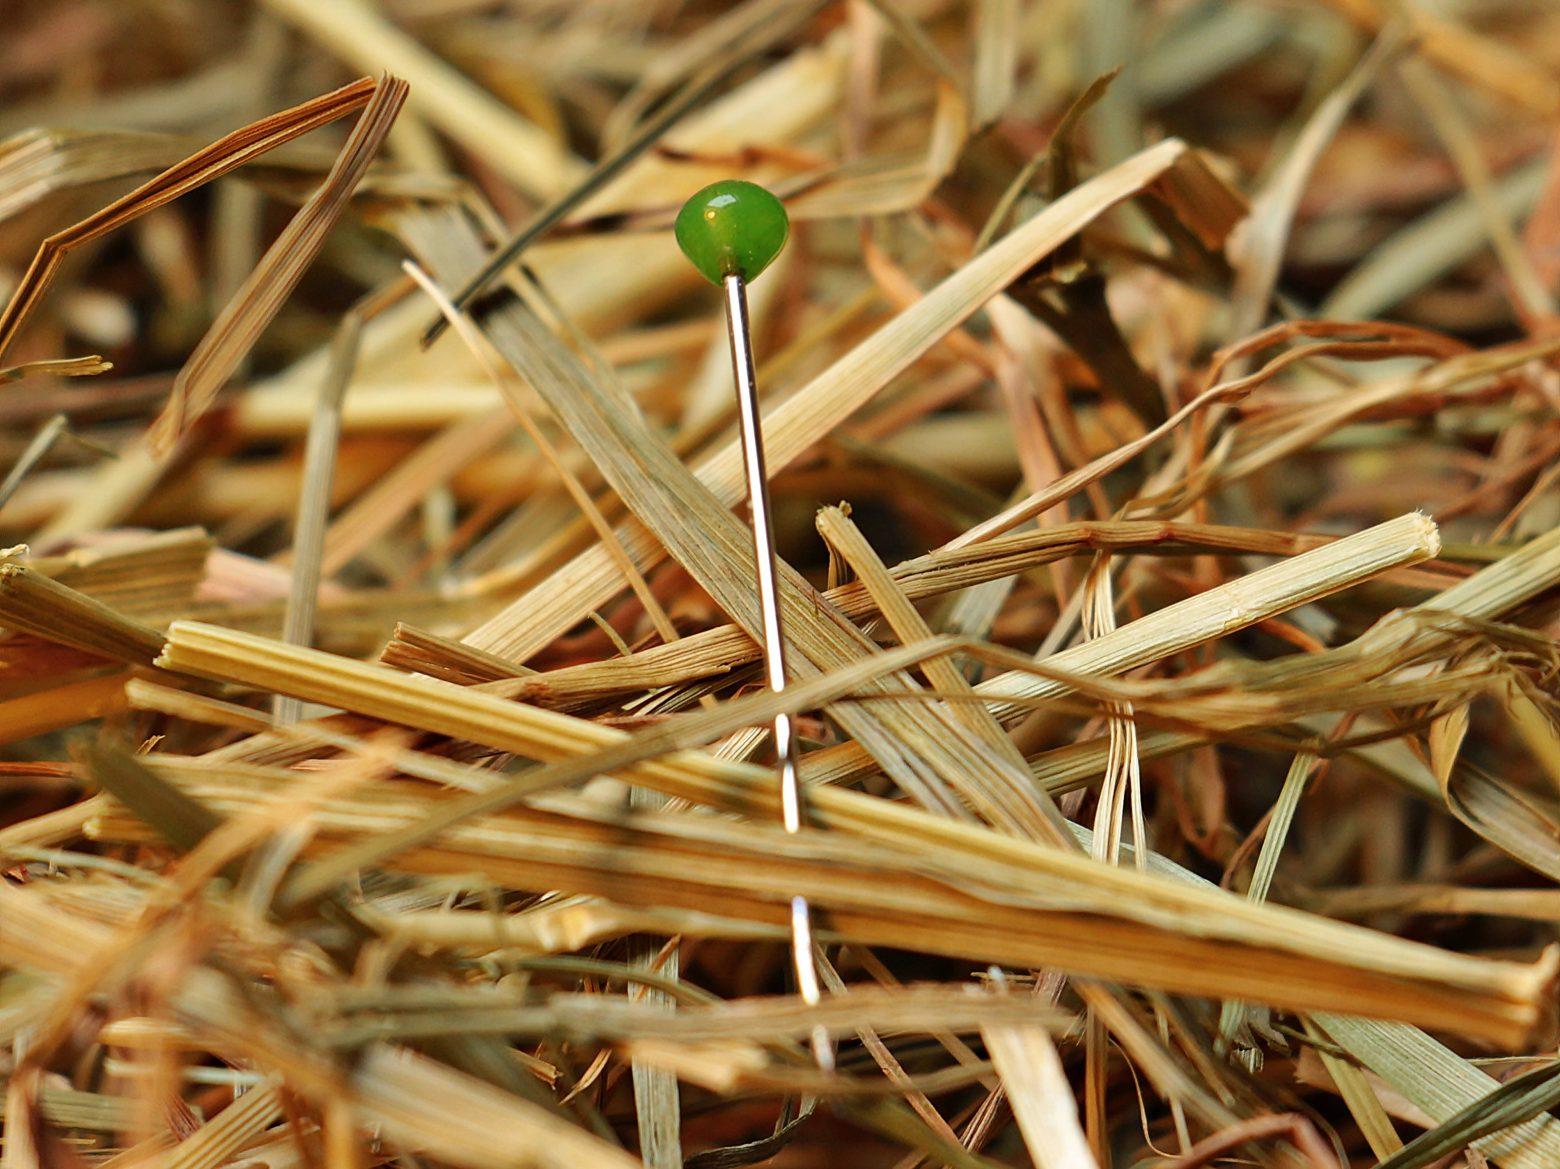 needle-in-a-haystack-1752846